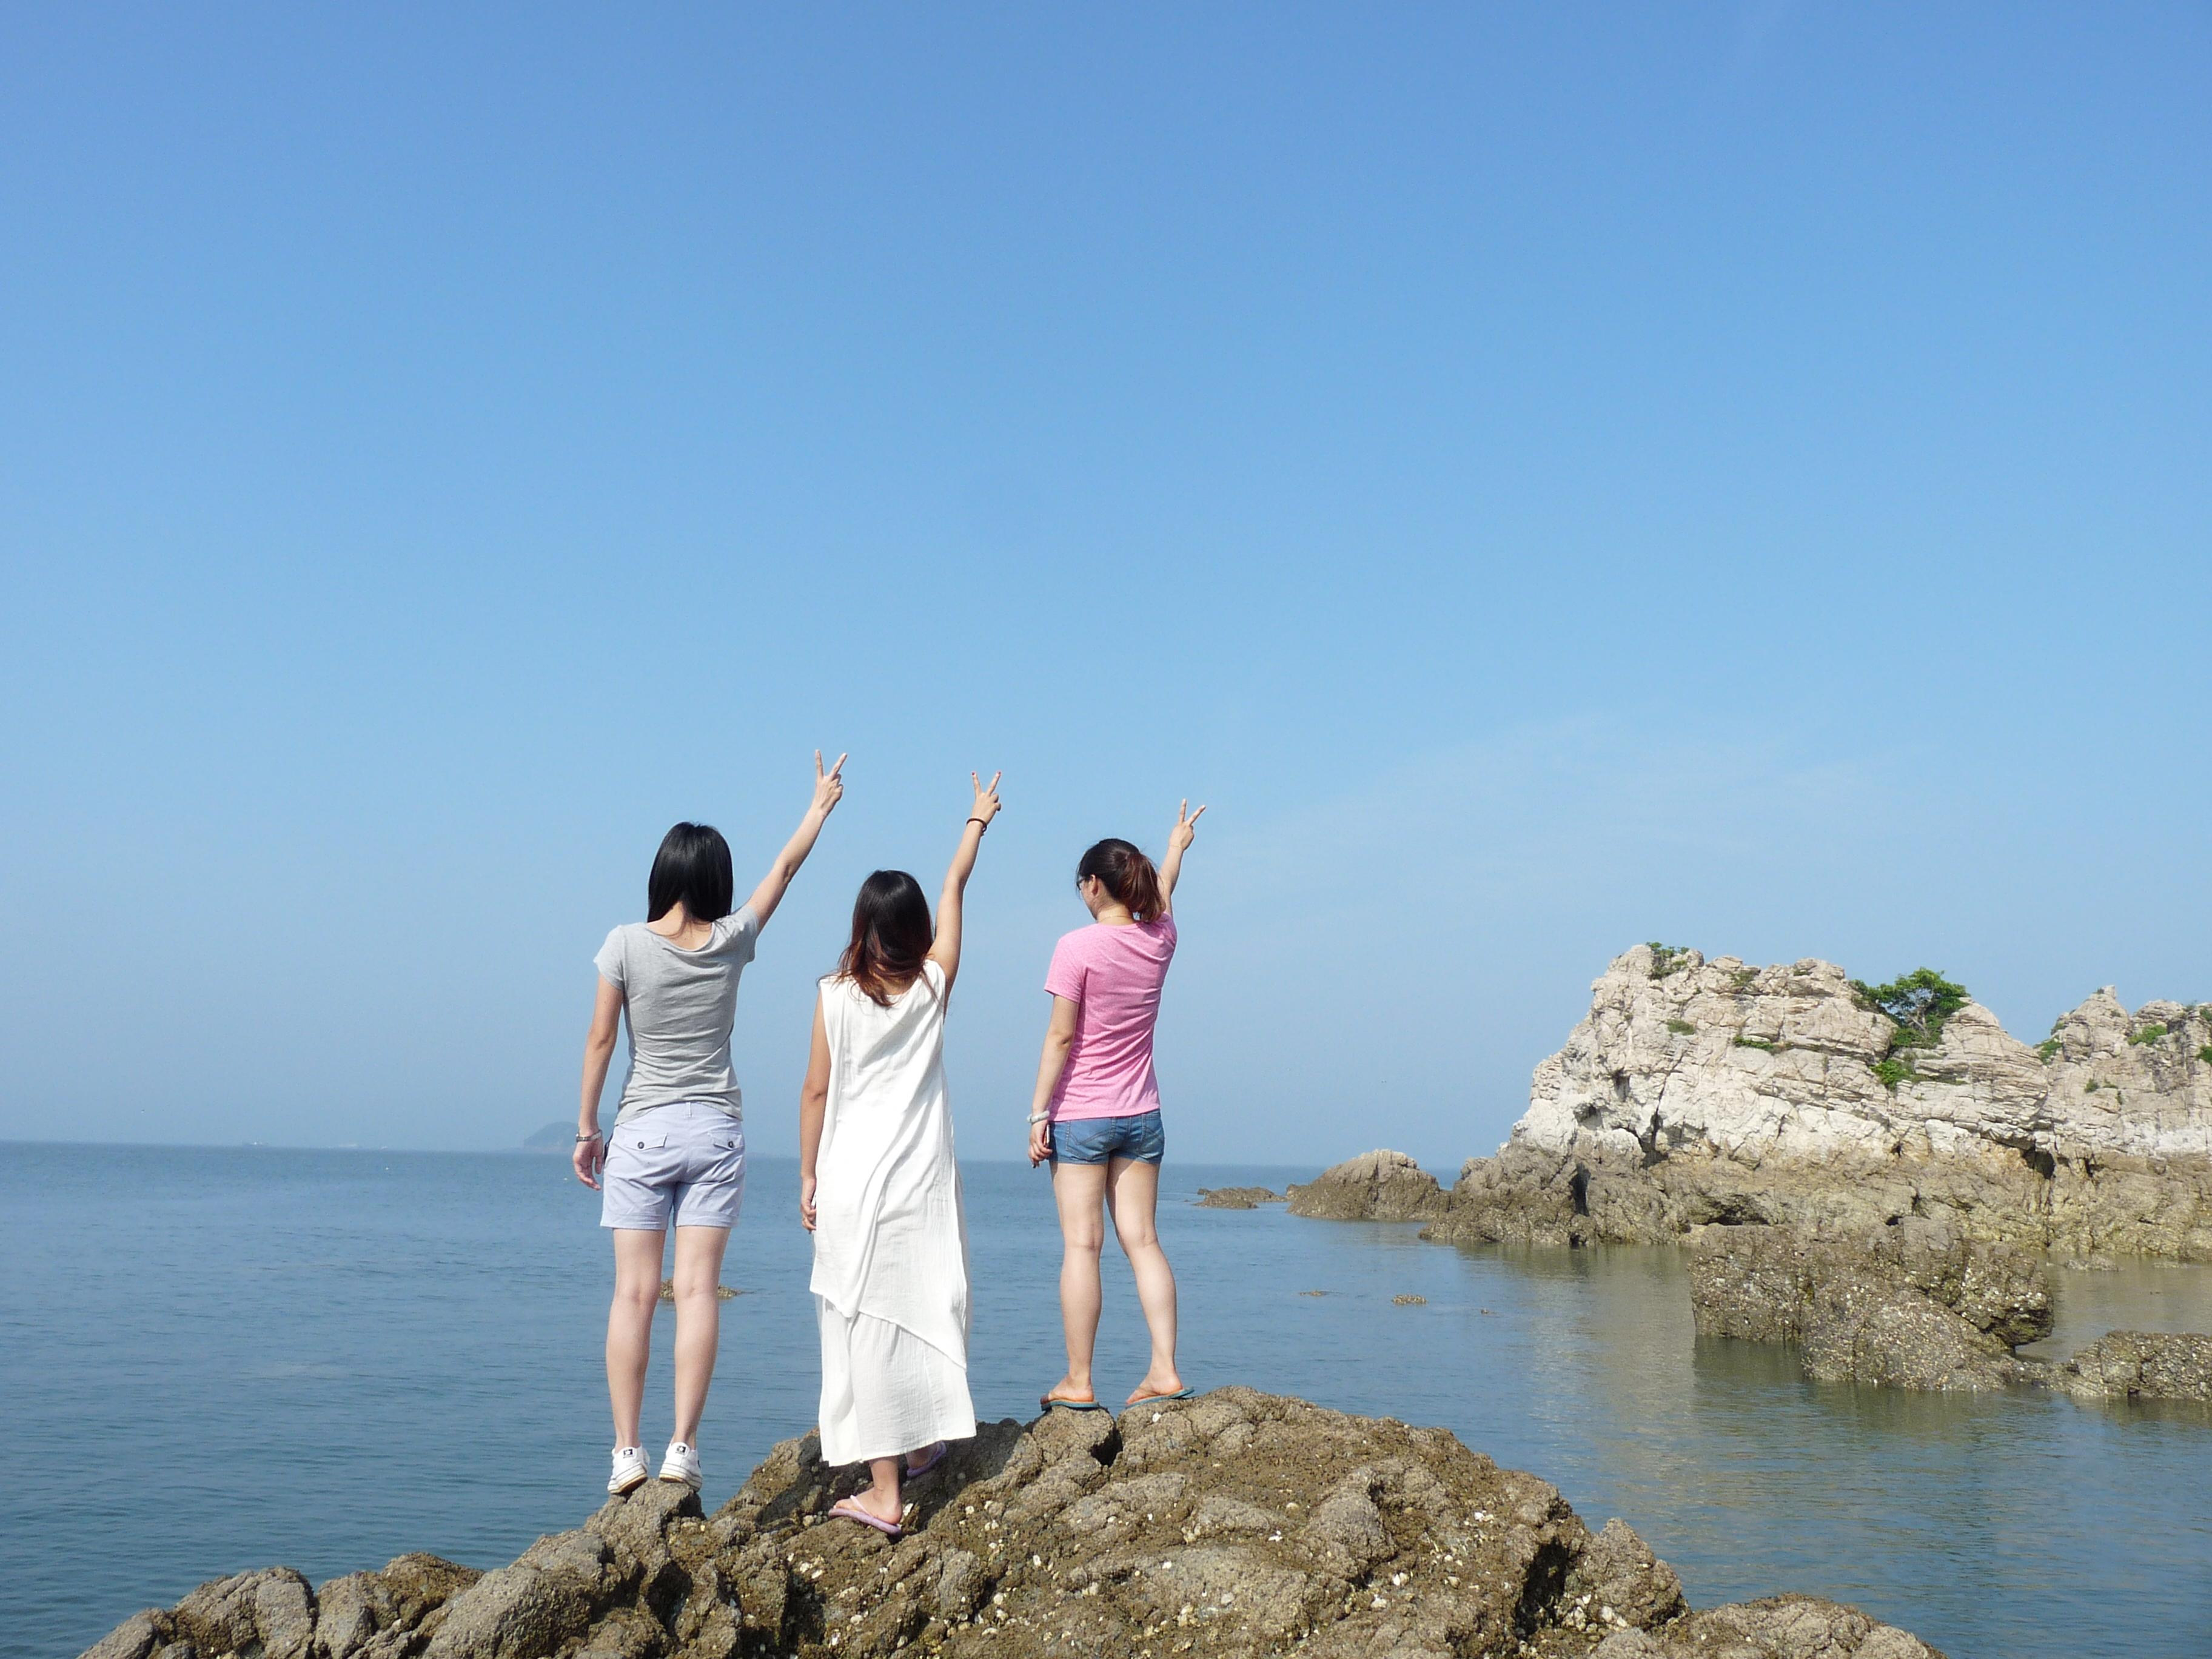 大连庄河市石城岛南海一品度假村